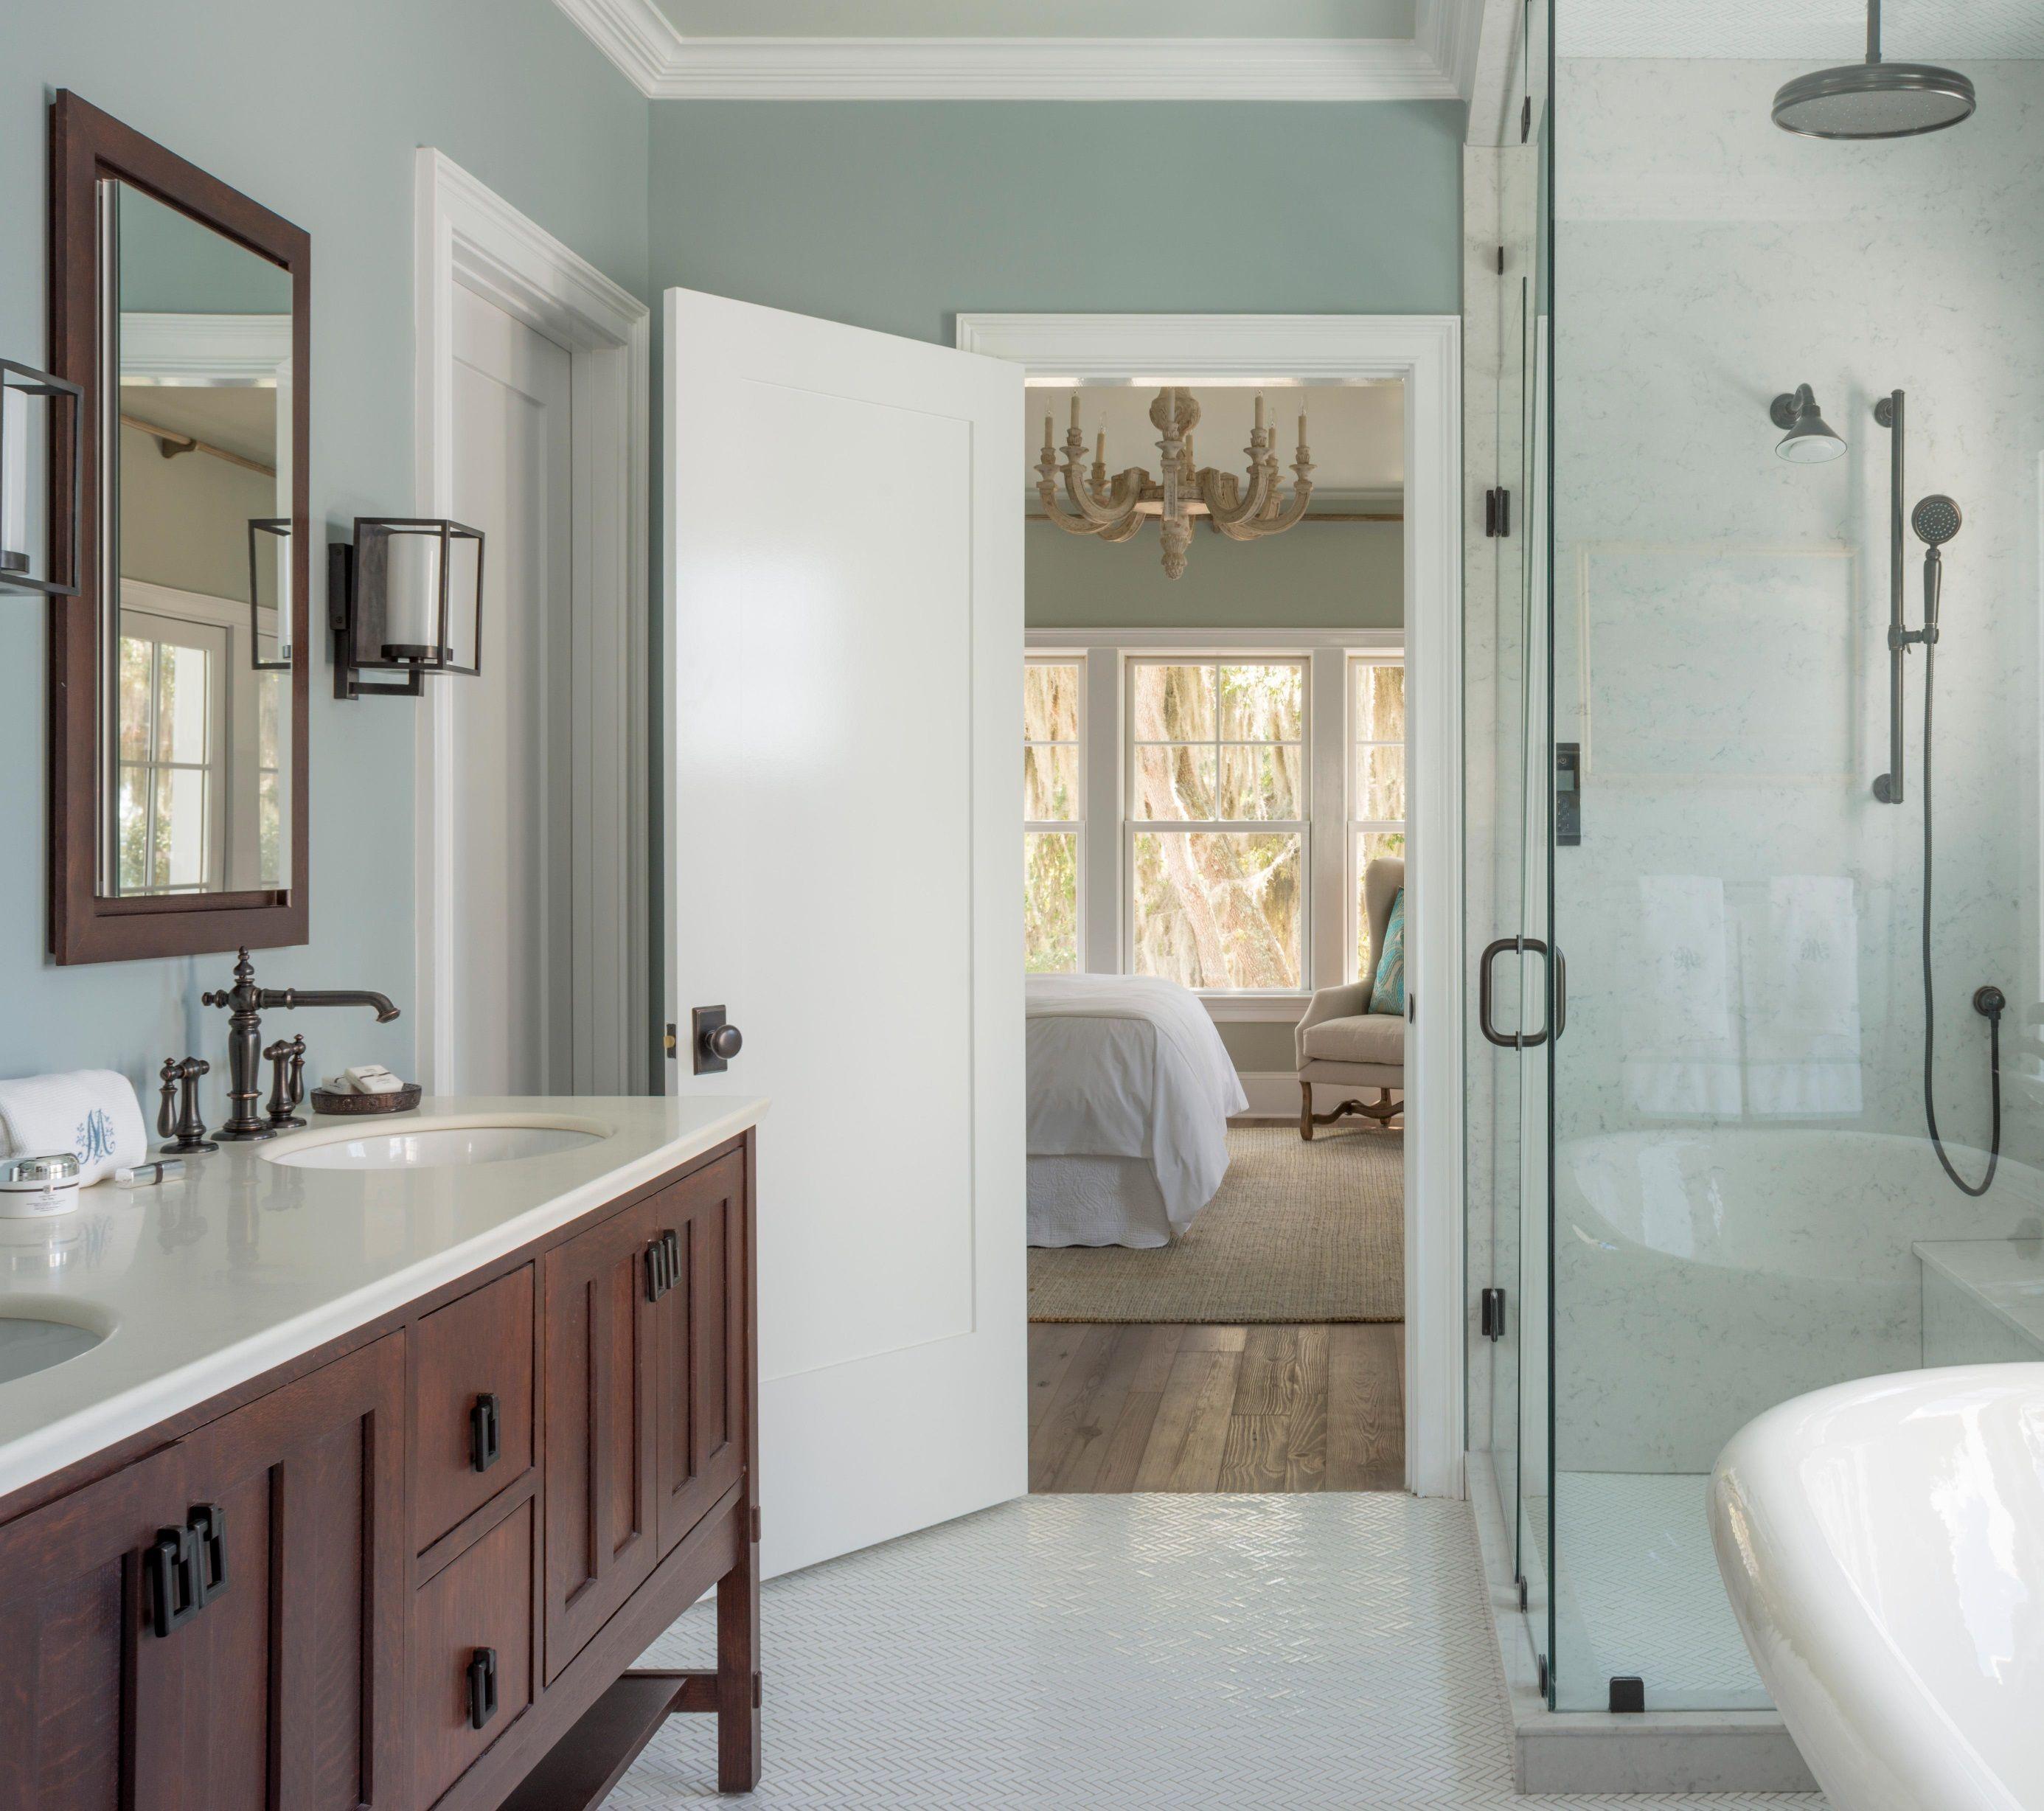 Master bath paint color gray cashmere Bathrooms